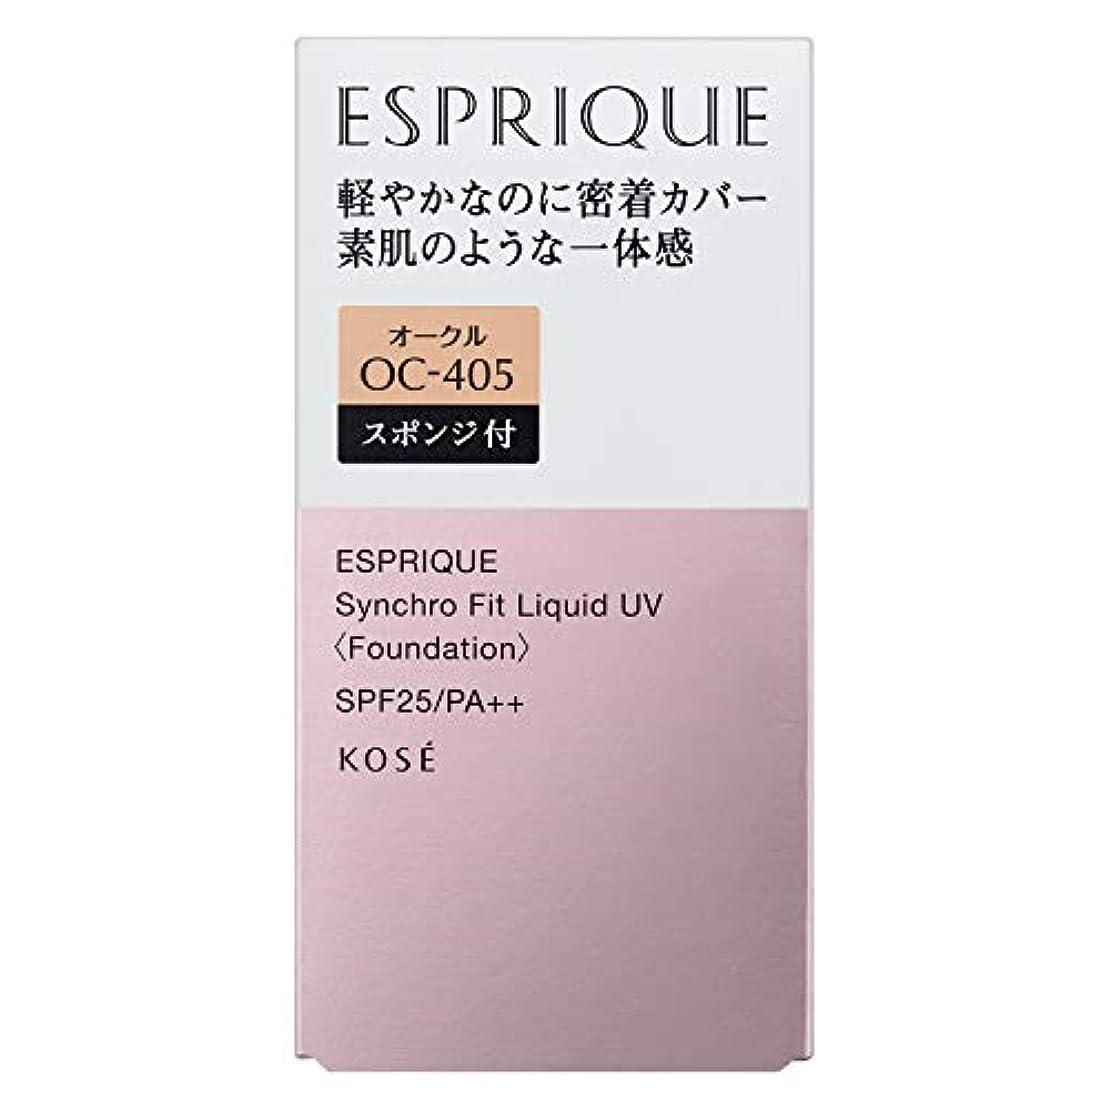 ドリルメタンプログレッシブESPRIQUE(エスプリーク) エスプリーク シンクロフィット リキッド UV ファンデーション 無香料 OC-405 オークル 30g